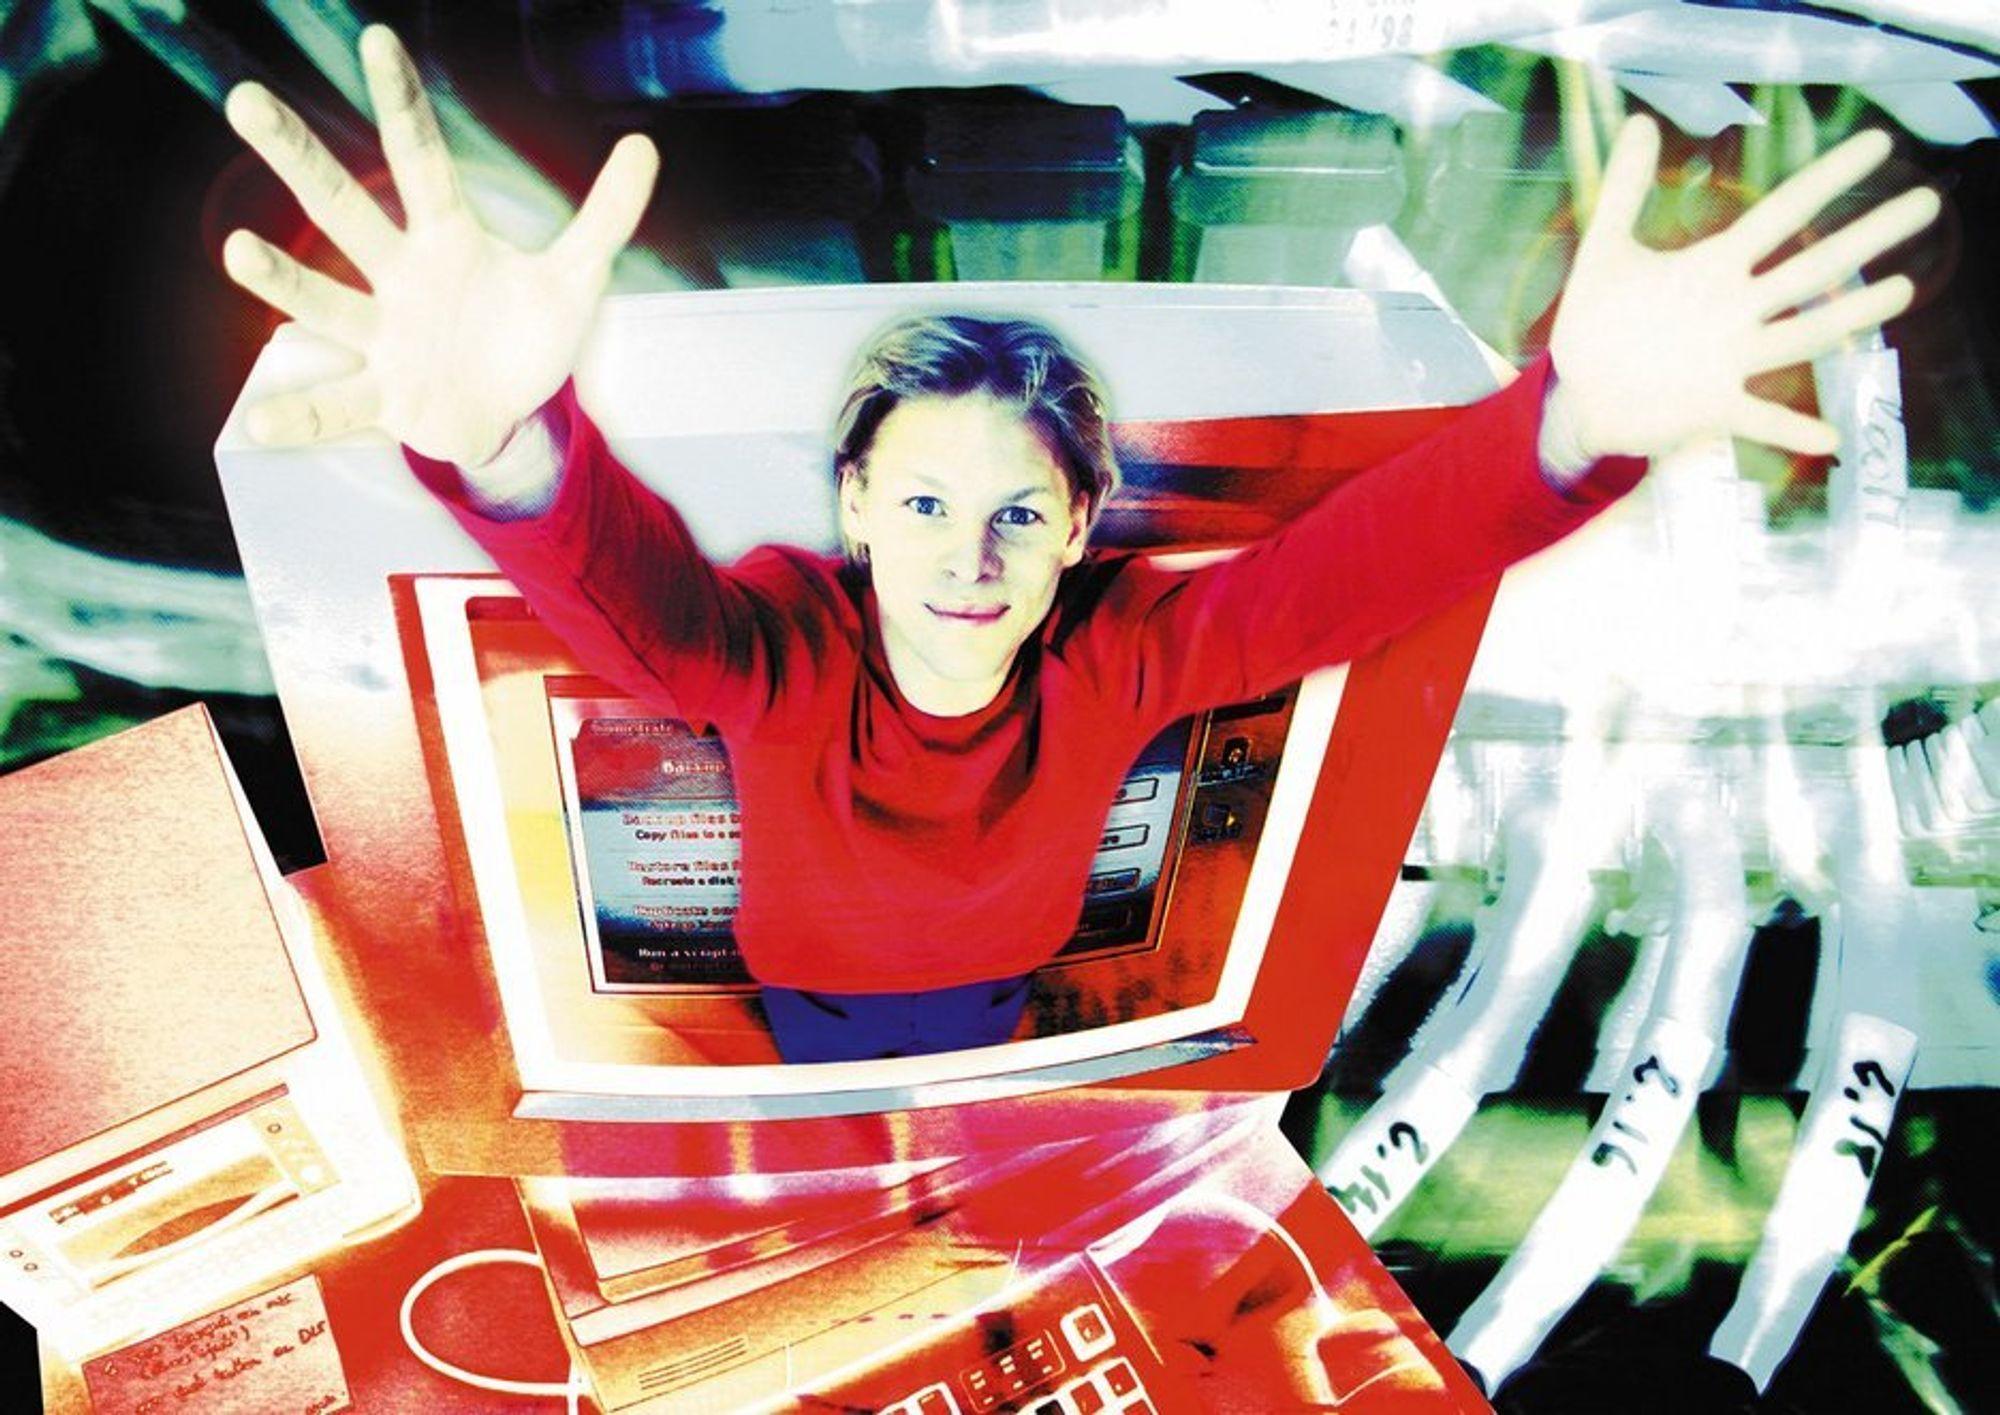 FOR ALLE: Nye MSN skal bli et nettsted for alle som er interessert i digital konsumentelektronikk med fokus på underholdning og fritid.